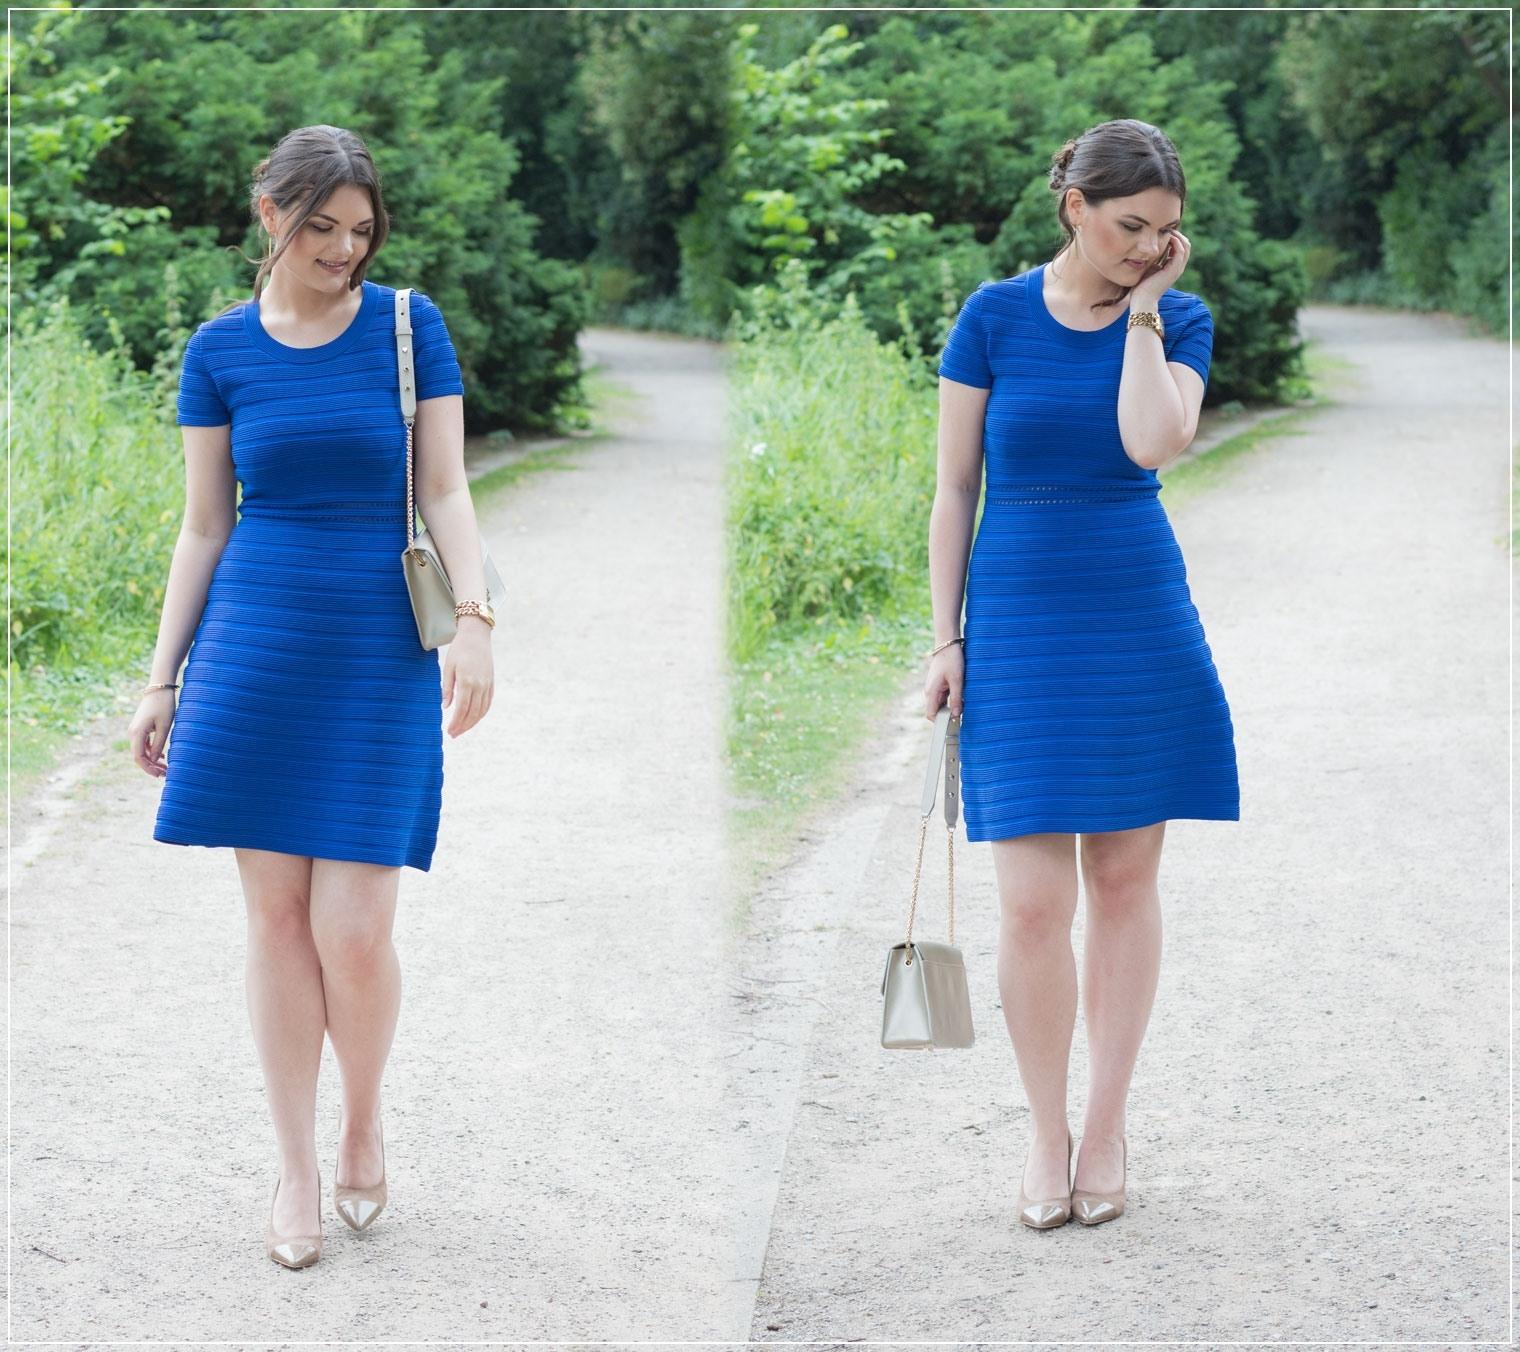 Leicht Blaues Kleid Hochzeitsgast GalerieDesigner Top Blaues Kleid Hochzeitsgast Boutique